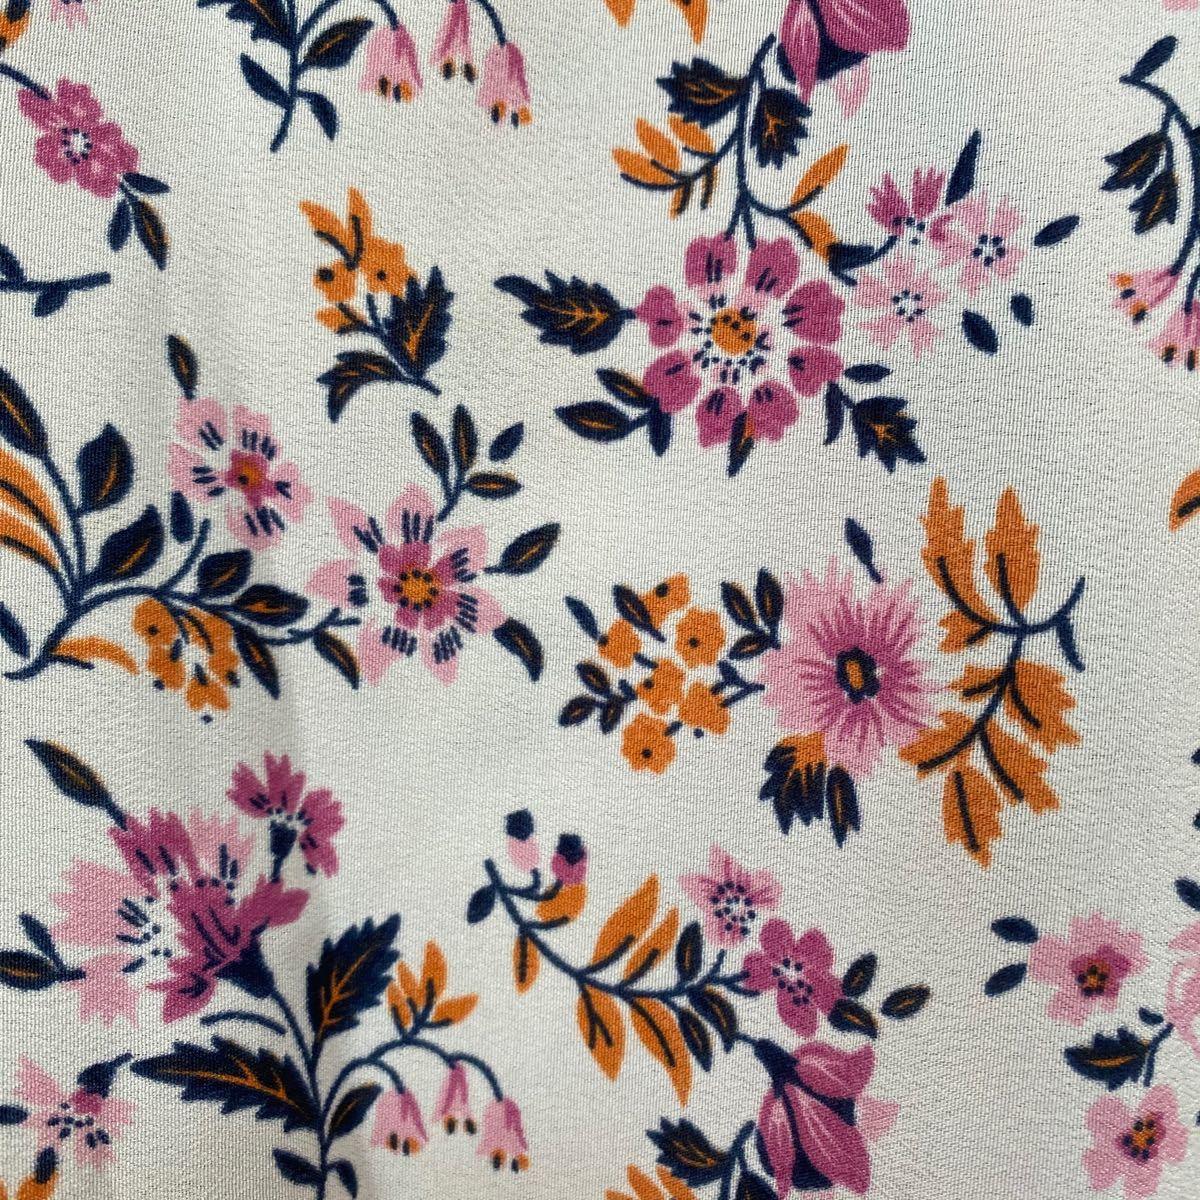 ワンピース レディース 花柄 春服 ロングワンピース インポート 春 韓国 S マキシワンピース 花柄ワンピース